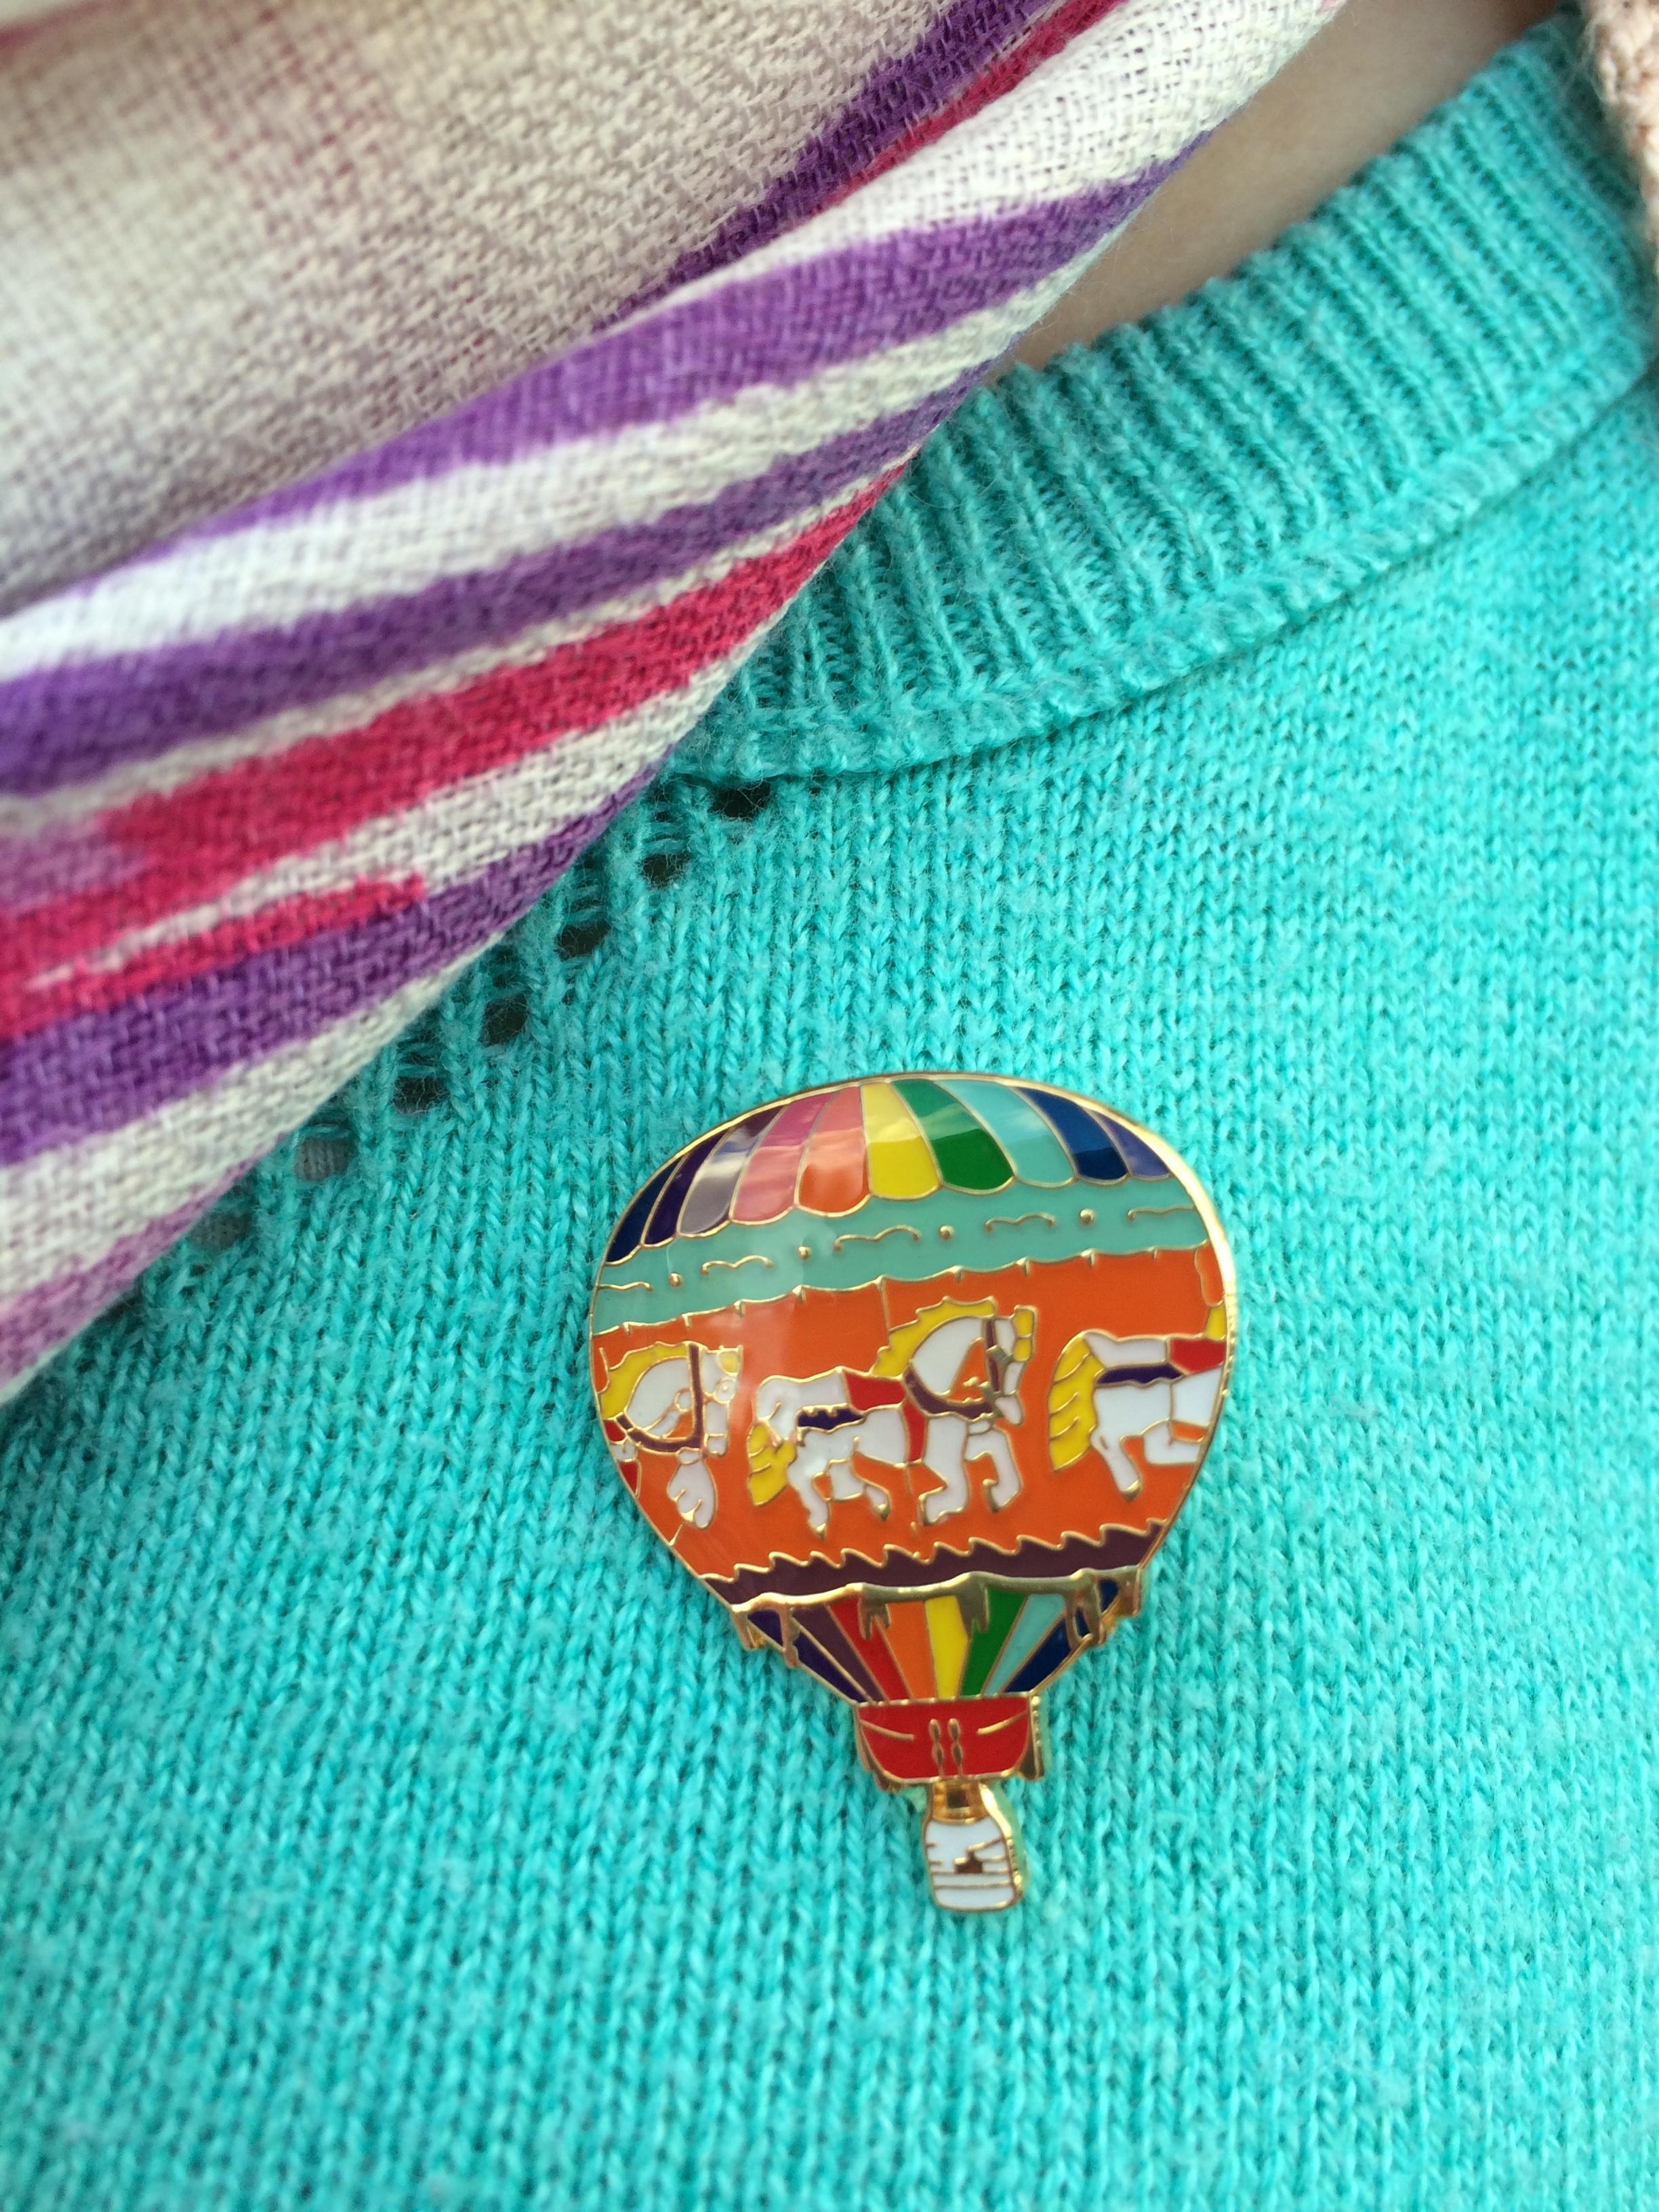 My carousel balloon pin